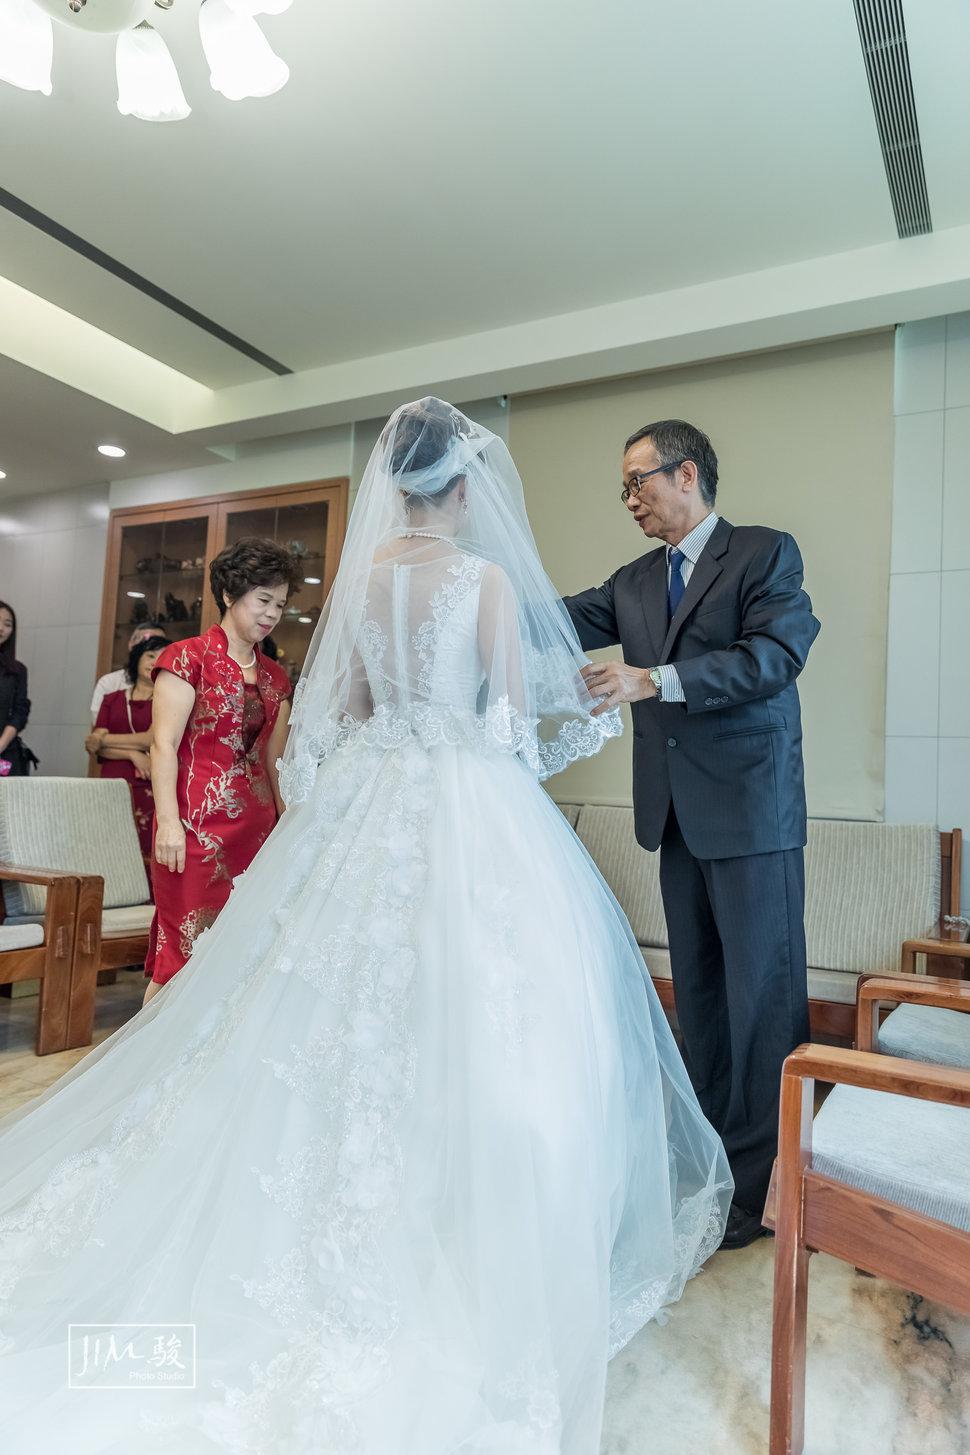 16' 1105 玨秀&正宇 文定+迎娶(編號:515985) - JIM 駿 PHOTO Studio - 結婚吧一站式婚禮服務平台